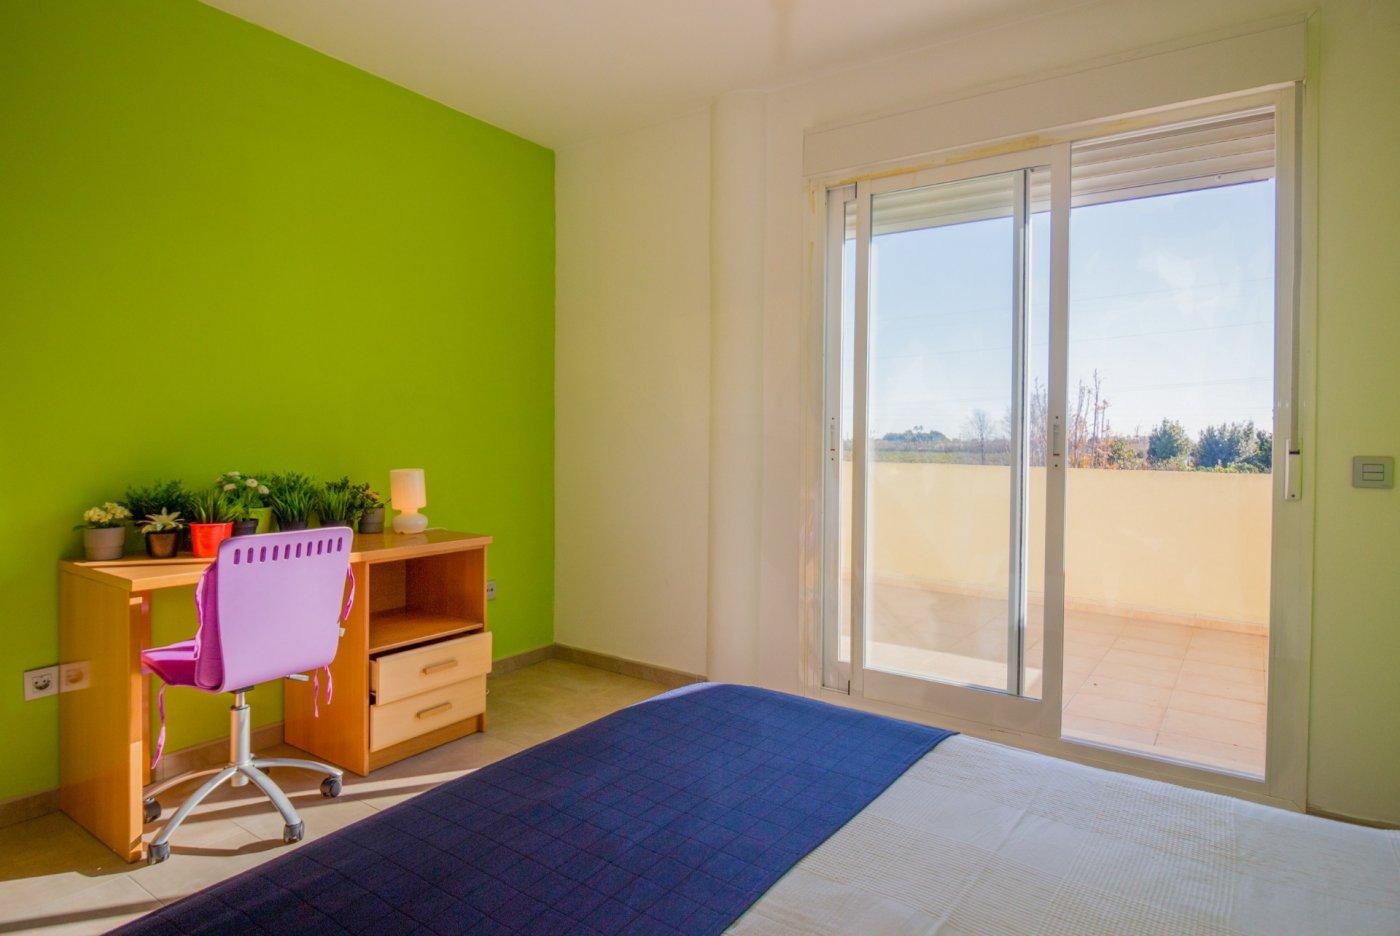 Villa de capricho en la marjalería - imagenInmueble22